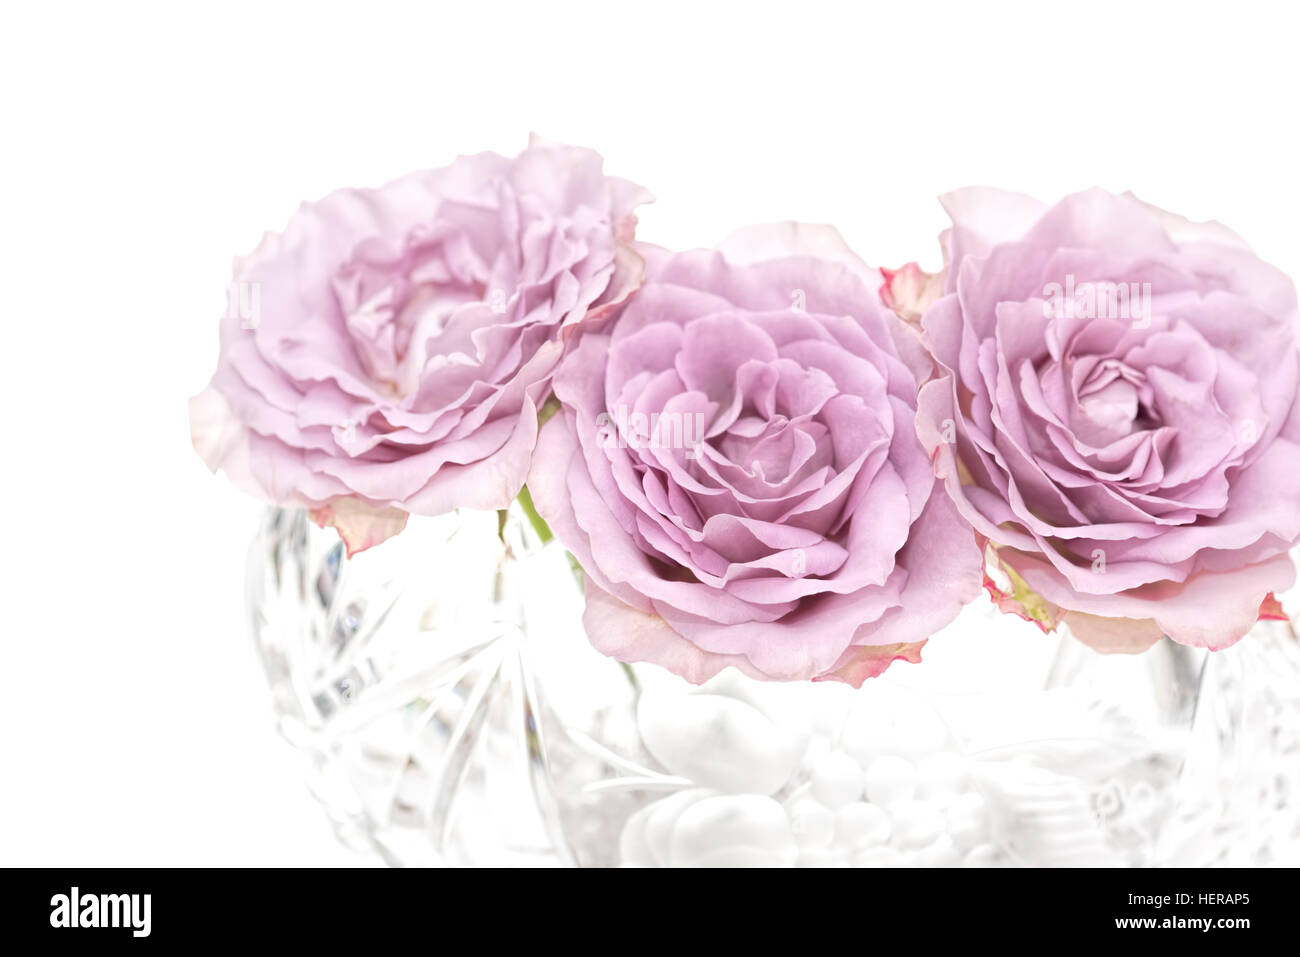 3 Rosa Rosen in Kristall Schüssel horizontal, weißen Hintergrund Stockbild